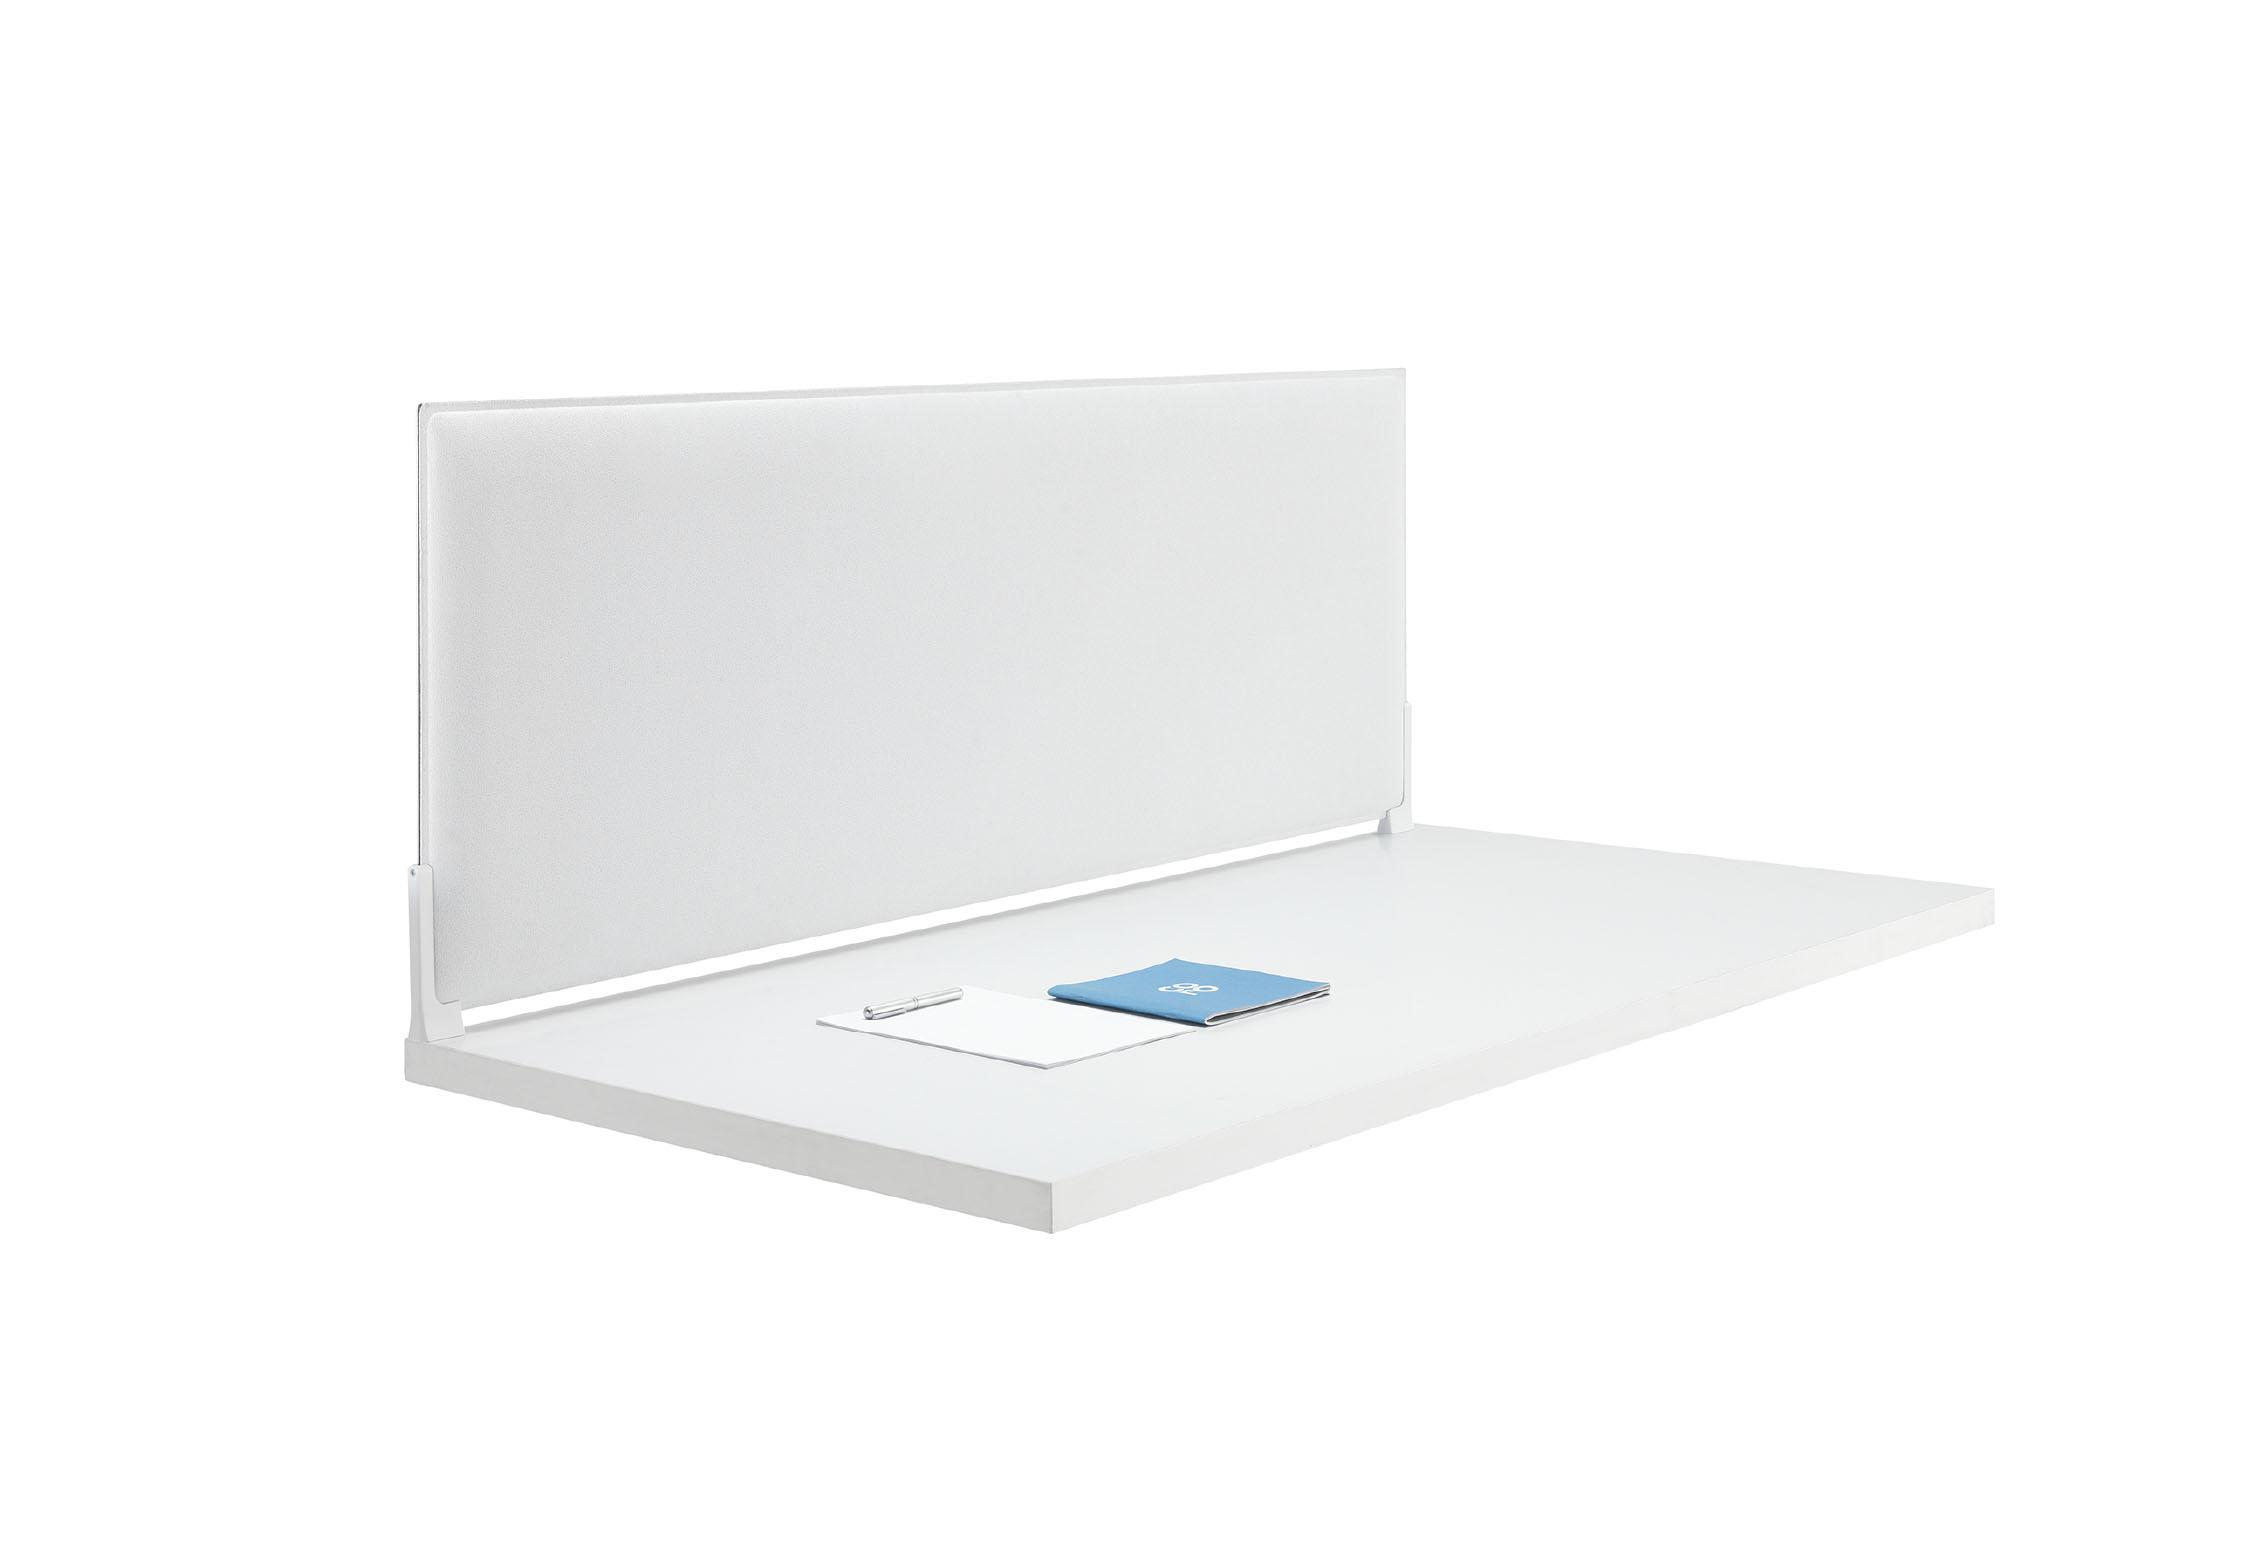 Caimi Corner Desk - Gamme de panneaux acoustiques pour bureaux